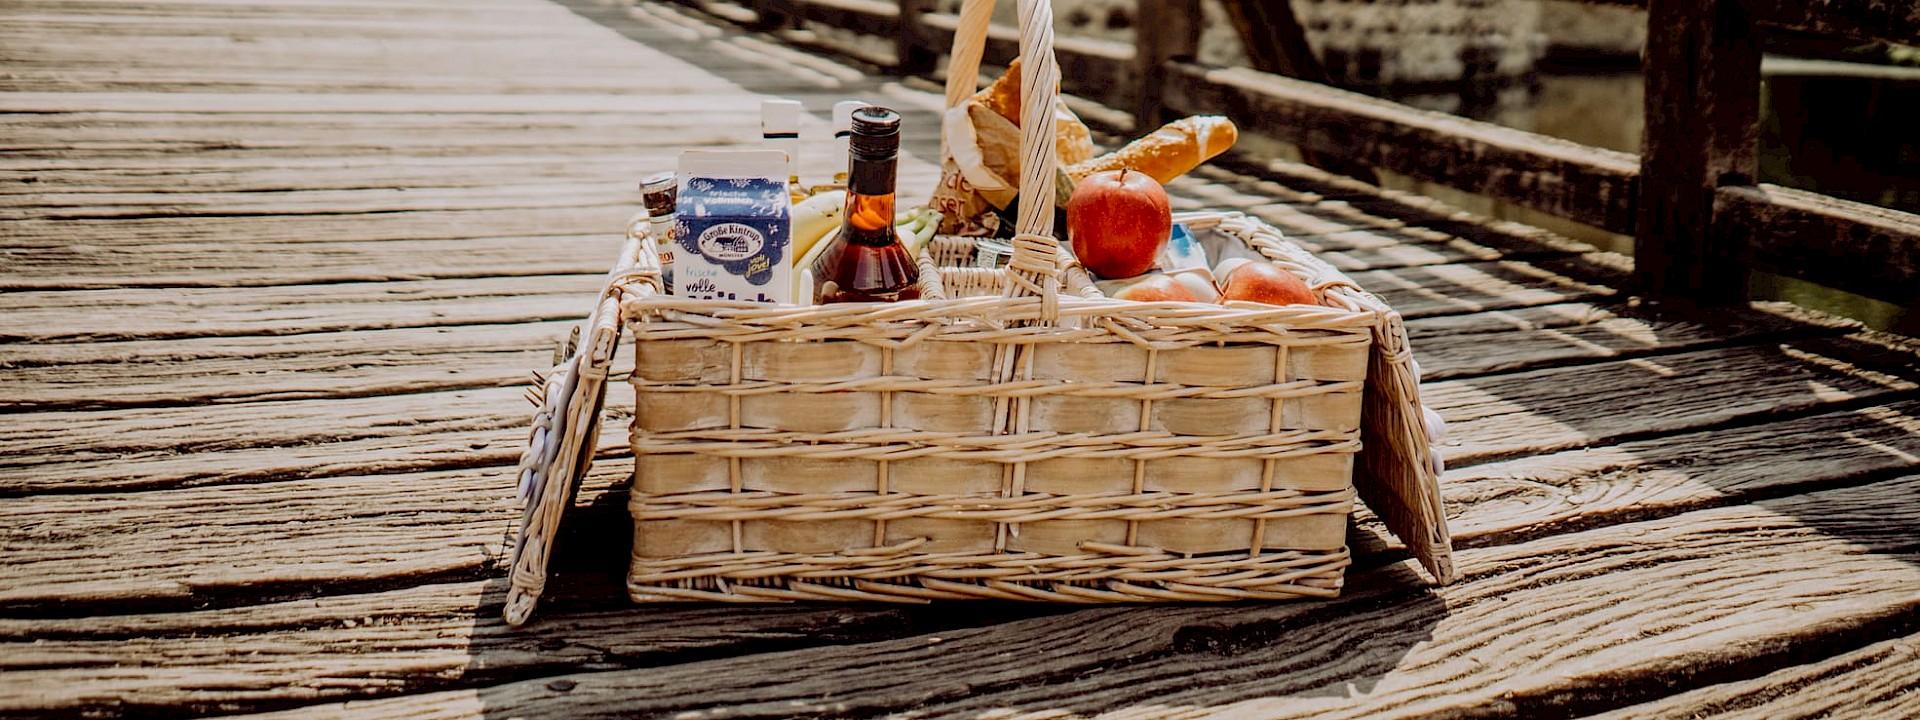 So gelingt dein perfektes Picknick! Picknick-Packliste